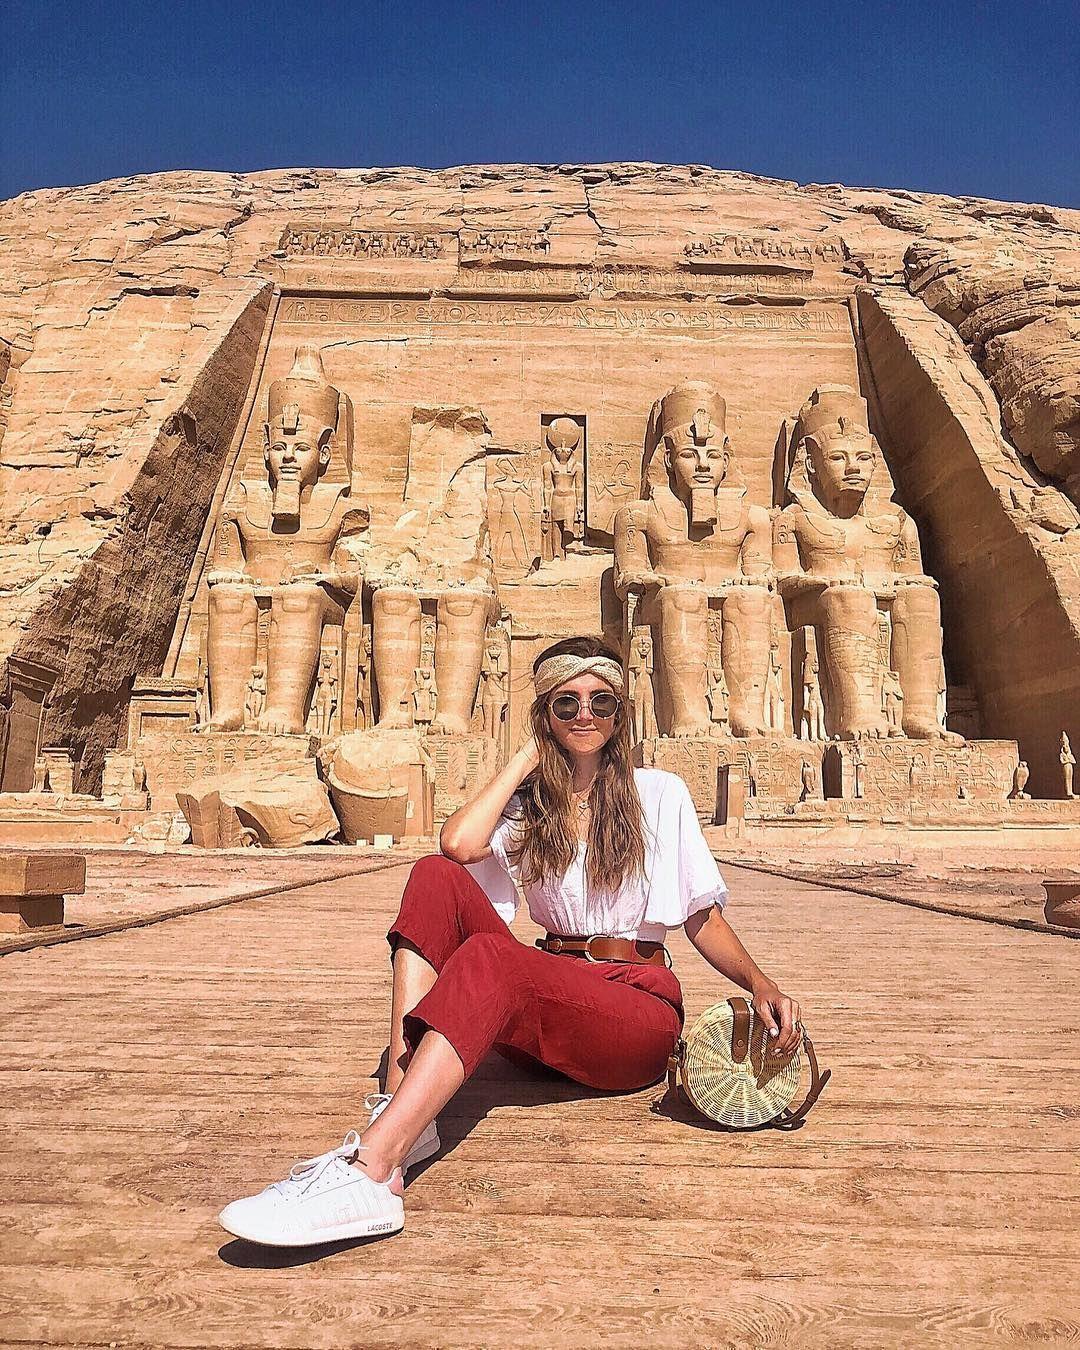 Egypt Tours 2020/2021 Special Deals & Holidays Calendar 2020, 2021